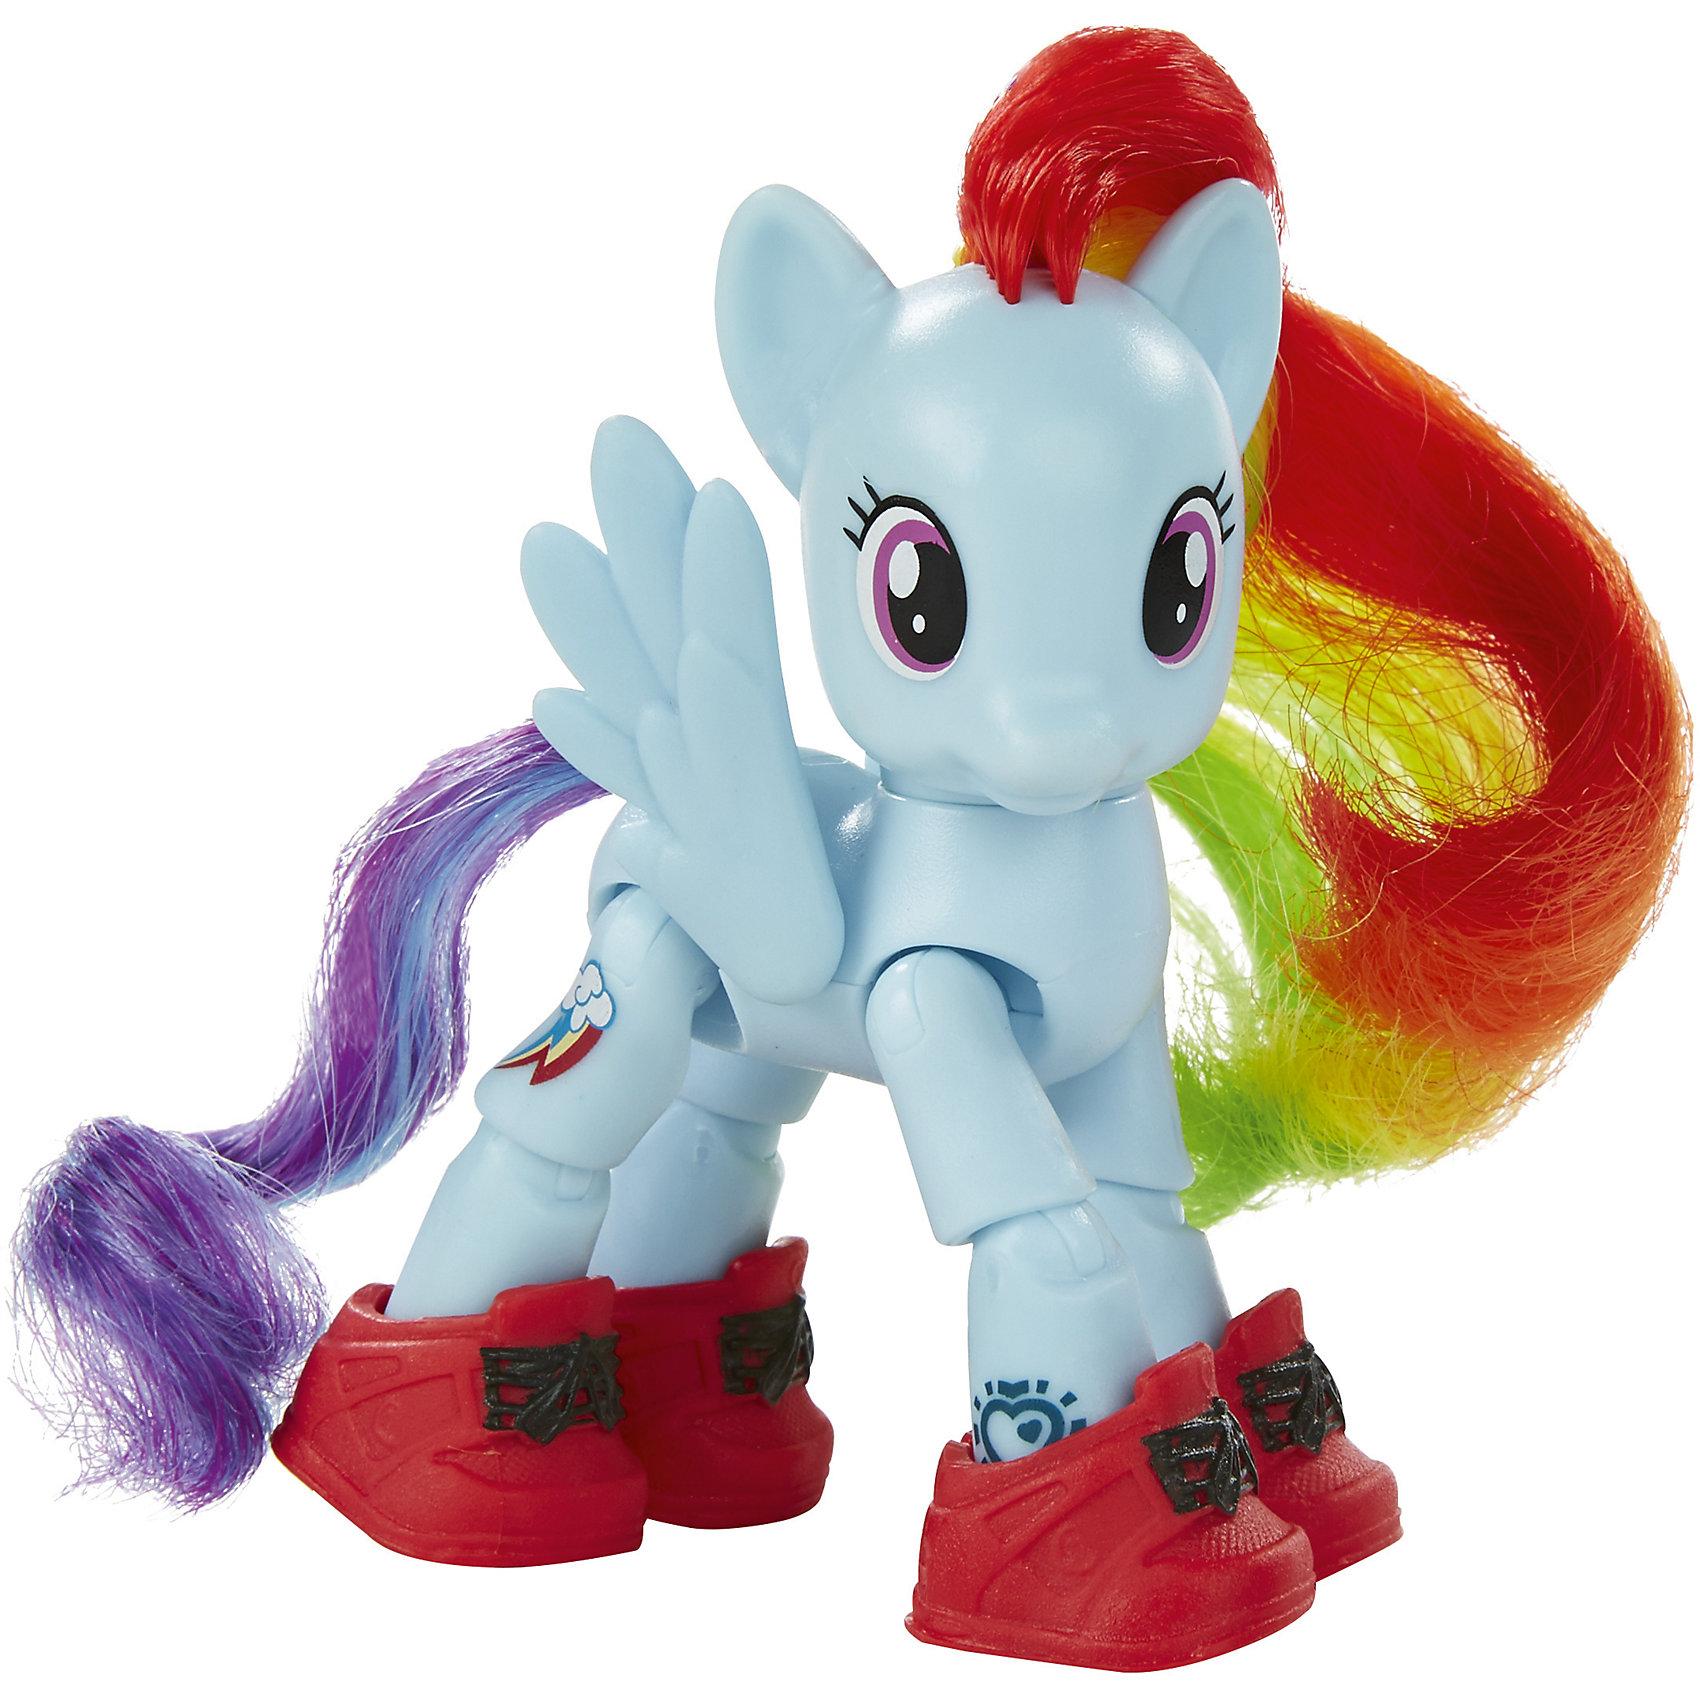 Пони с артикуляцией, My little Pony, B3598/В5680Пони с артикуляцией, My little Pony, B3598/В5680<br><br>Характеристика:<br><br>-Возраст: от 4 лет до 10 лет<br>-Для девочек<br>-Марка: Hasbro<br><br>С пони Радуга Дэш игры станут ещё интереснее, ведь все её конечности двигаются. Также она имеет модную обувь, которую можно легко надеть и снять. А яркую гриву пони можно расчесывать и заплетать. <br><br>Пони с артикуляцией, My little Pony, B3598/В5680 можно приобрести в нашем интернет-магазине.<br><br>Ширина мм: 181<br>Глубина мм: 159<br>Высота мм: 55<br>Вес г: 111<br>Возраст от месяцев: 48<br>Возраст до месяцев: 120<br>Пол: Женский<br>Возраст: Детский<br>SKU: 5246350